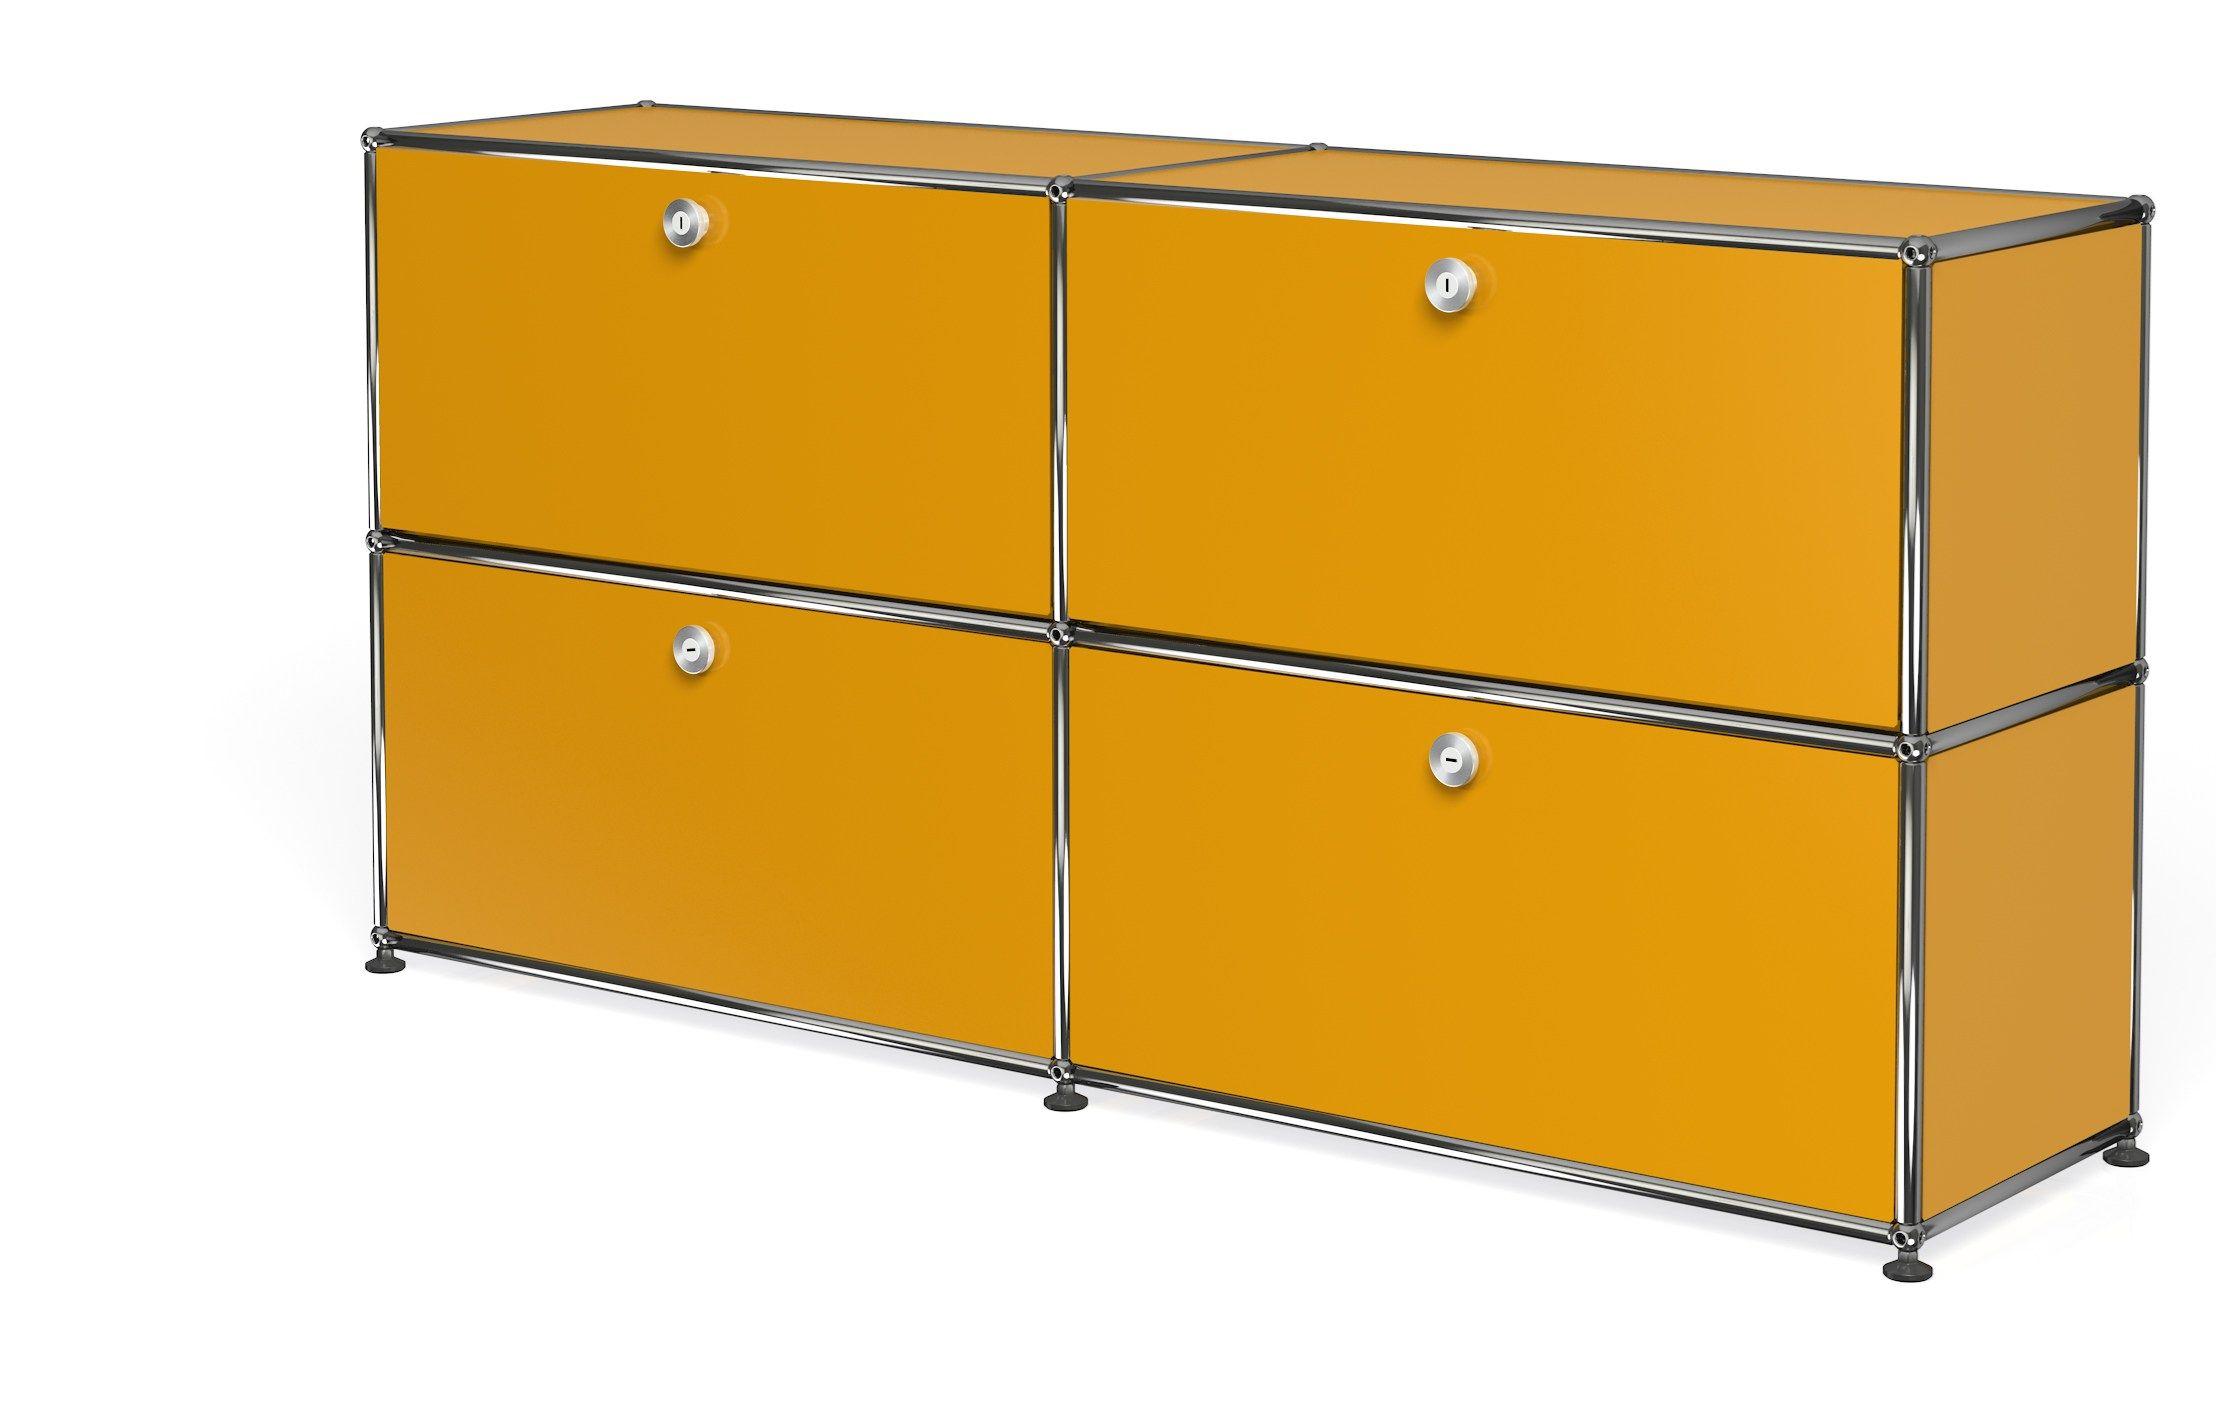 usm haller storage for kid 39 s room meuble de rangement by usm modular furniture design fritz haller. Black Bedroom Furniture Sets. Home Design Ideas